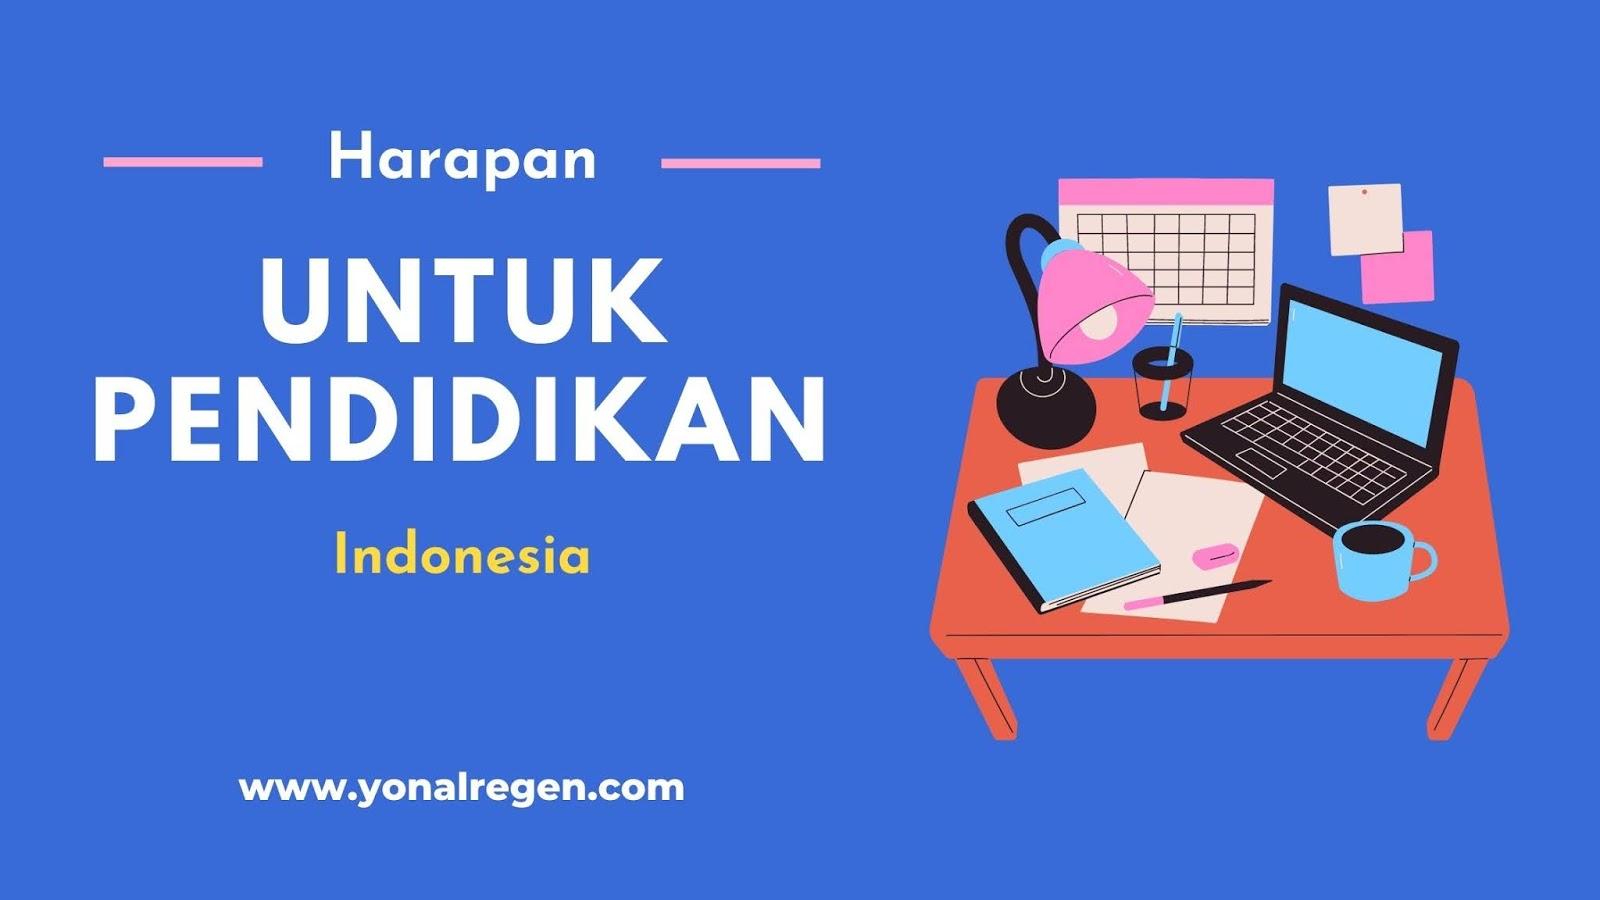 Harapan untuk pendidikan Indonesia